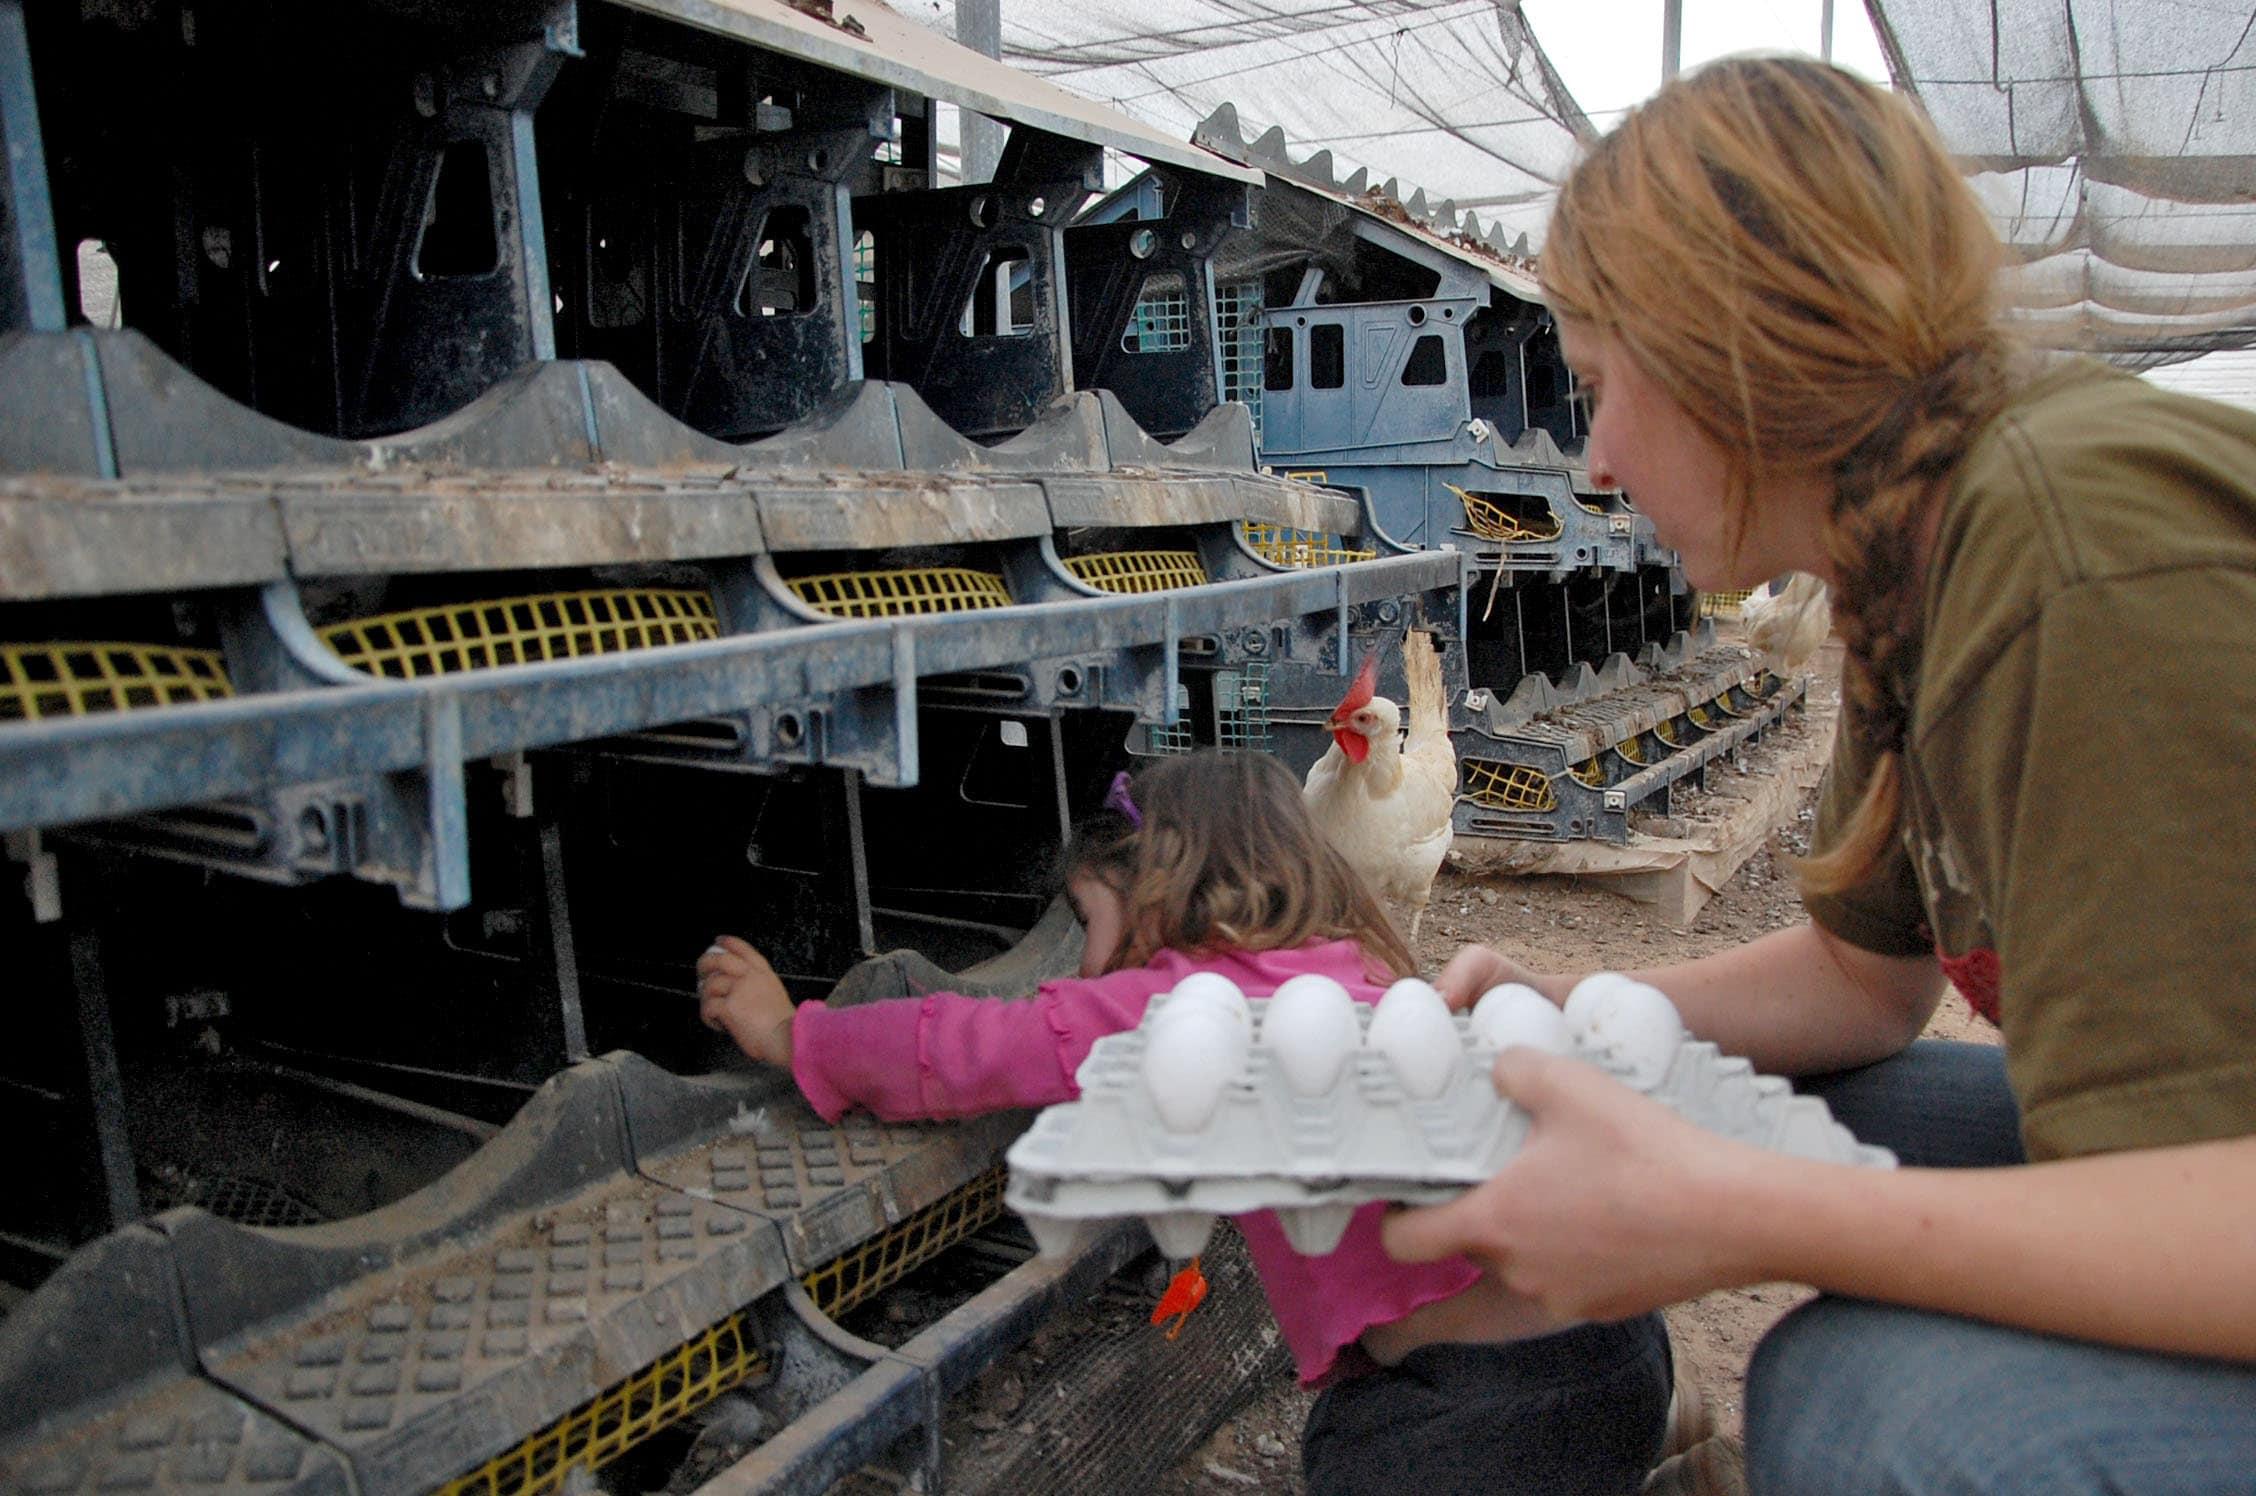 איסוף ביצים בלול תרנגולות (צילום: Rachael Cerrotti/Flash90)